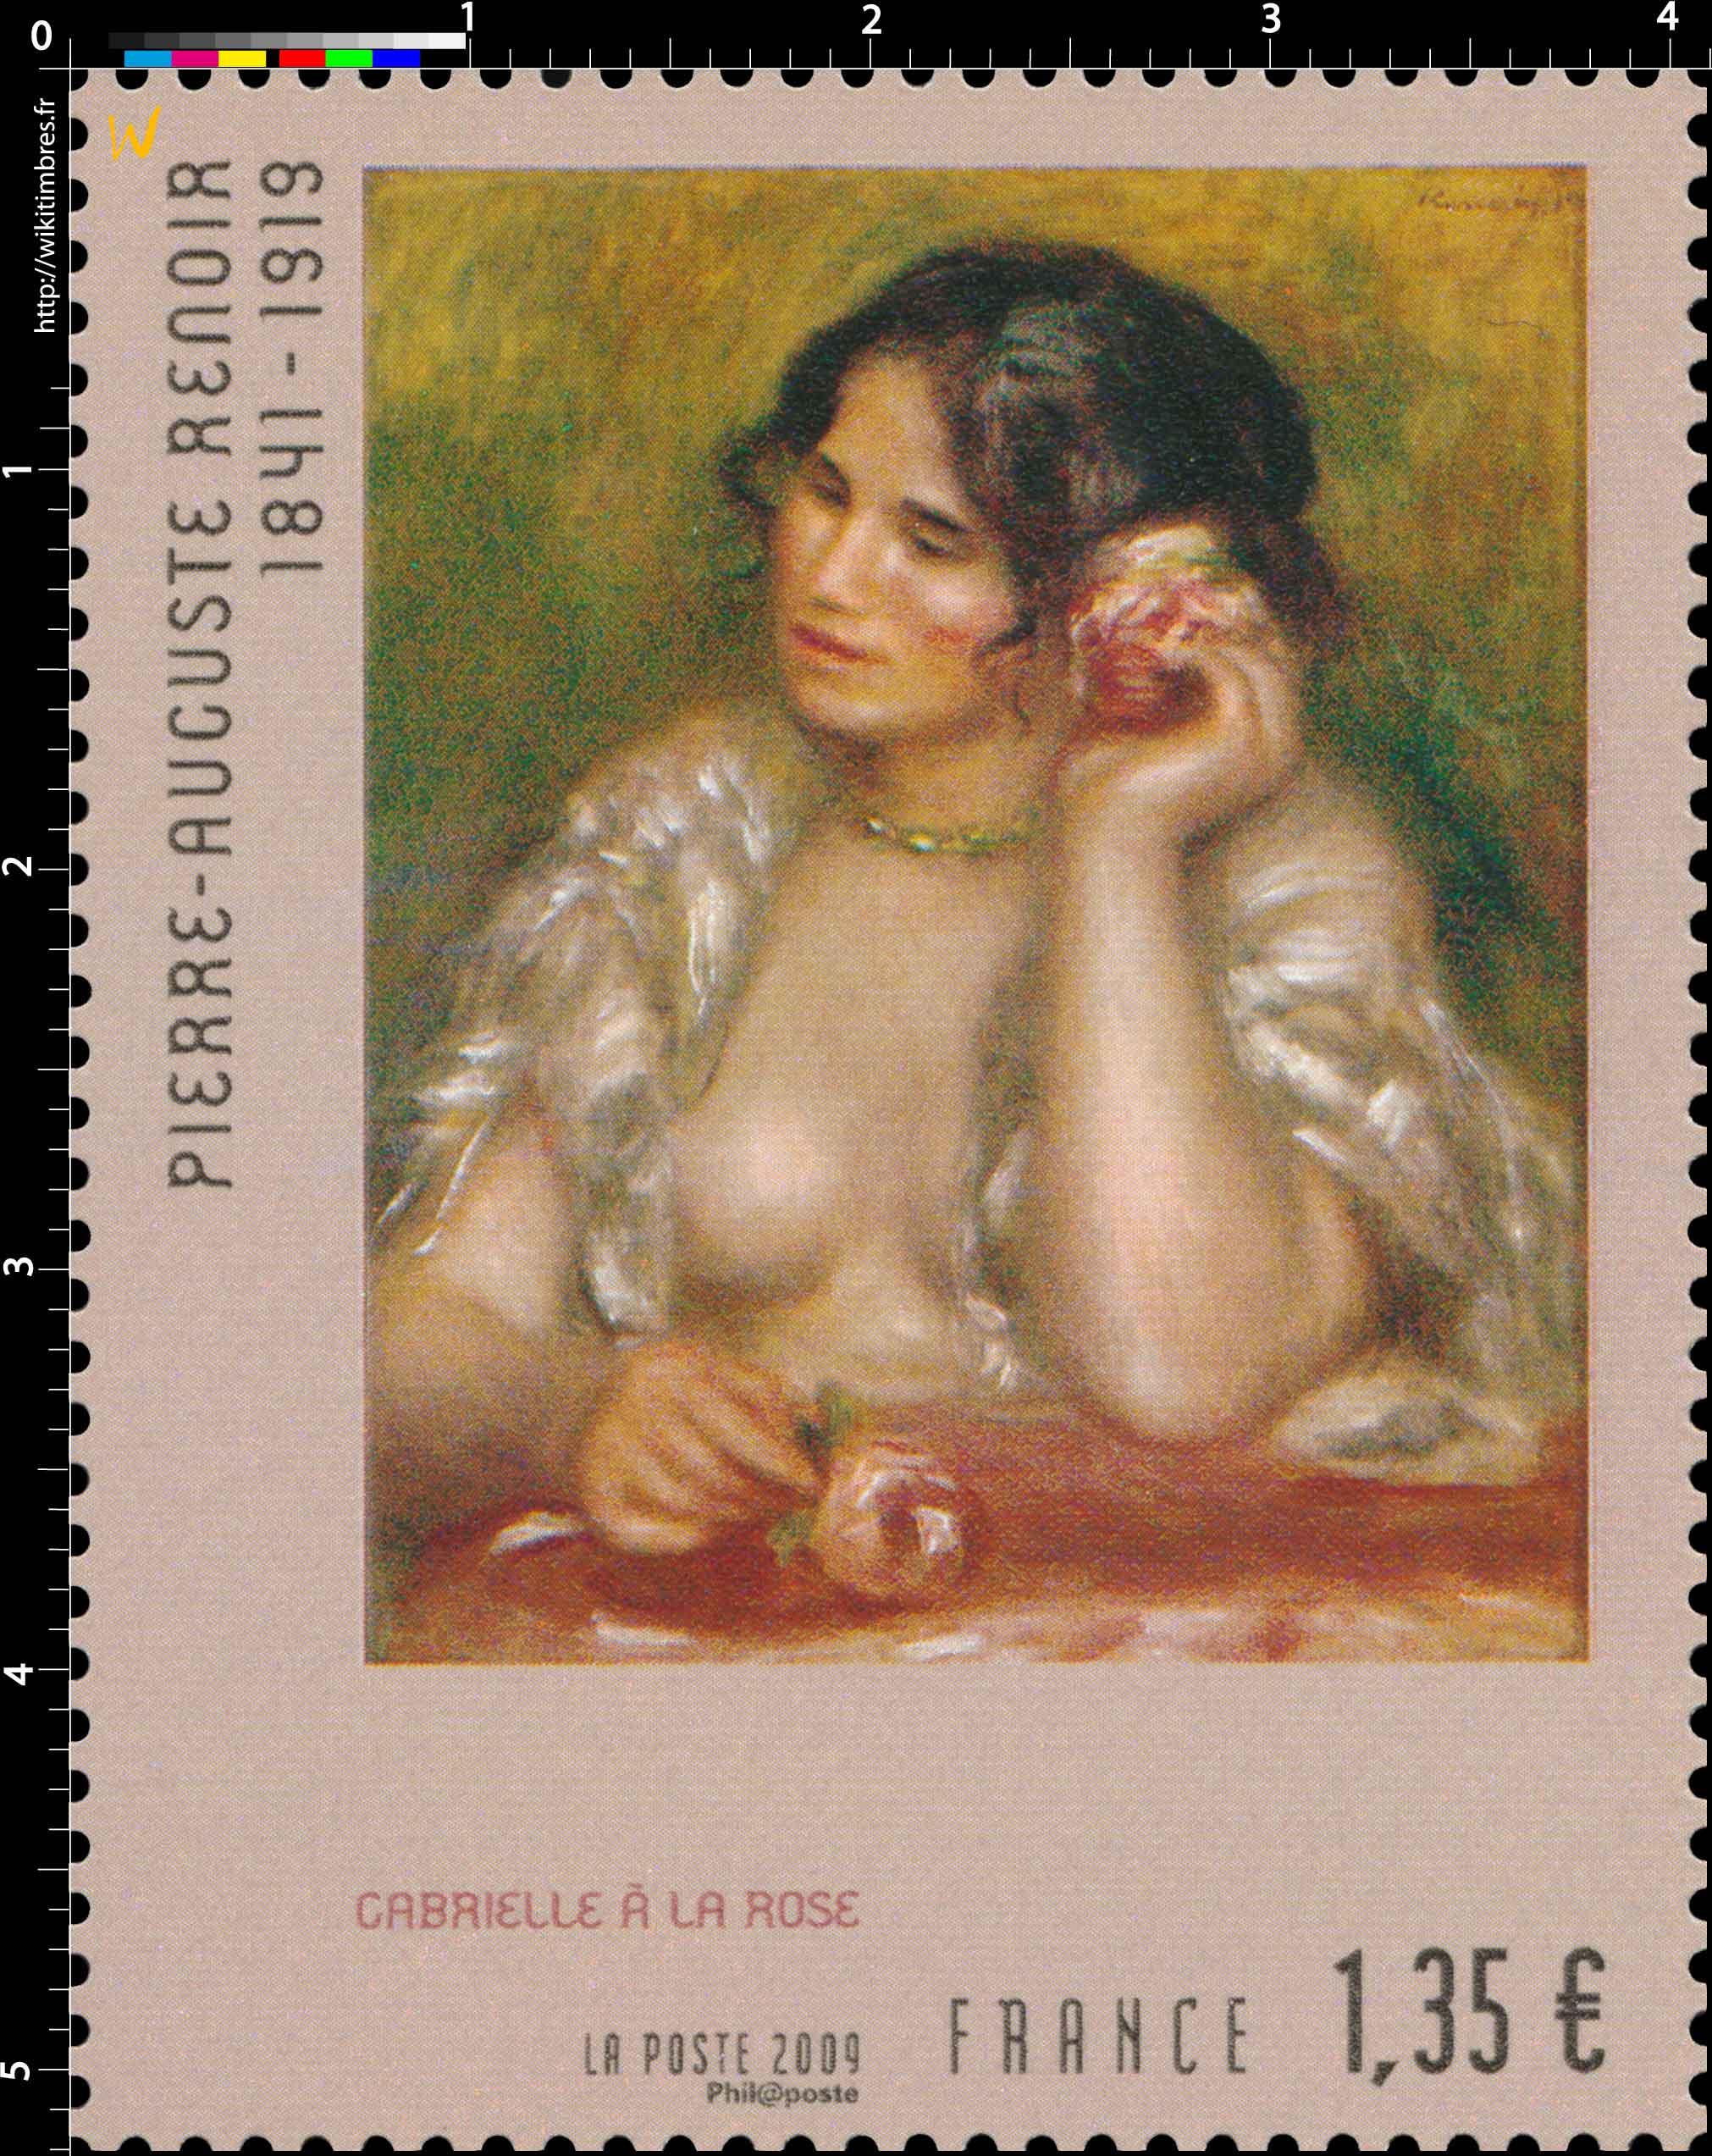 2009 PIERRE-AUGUSTE RENOIR 1841-1919 GABRIELLE À LA ROSE